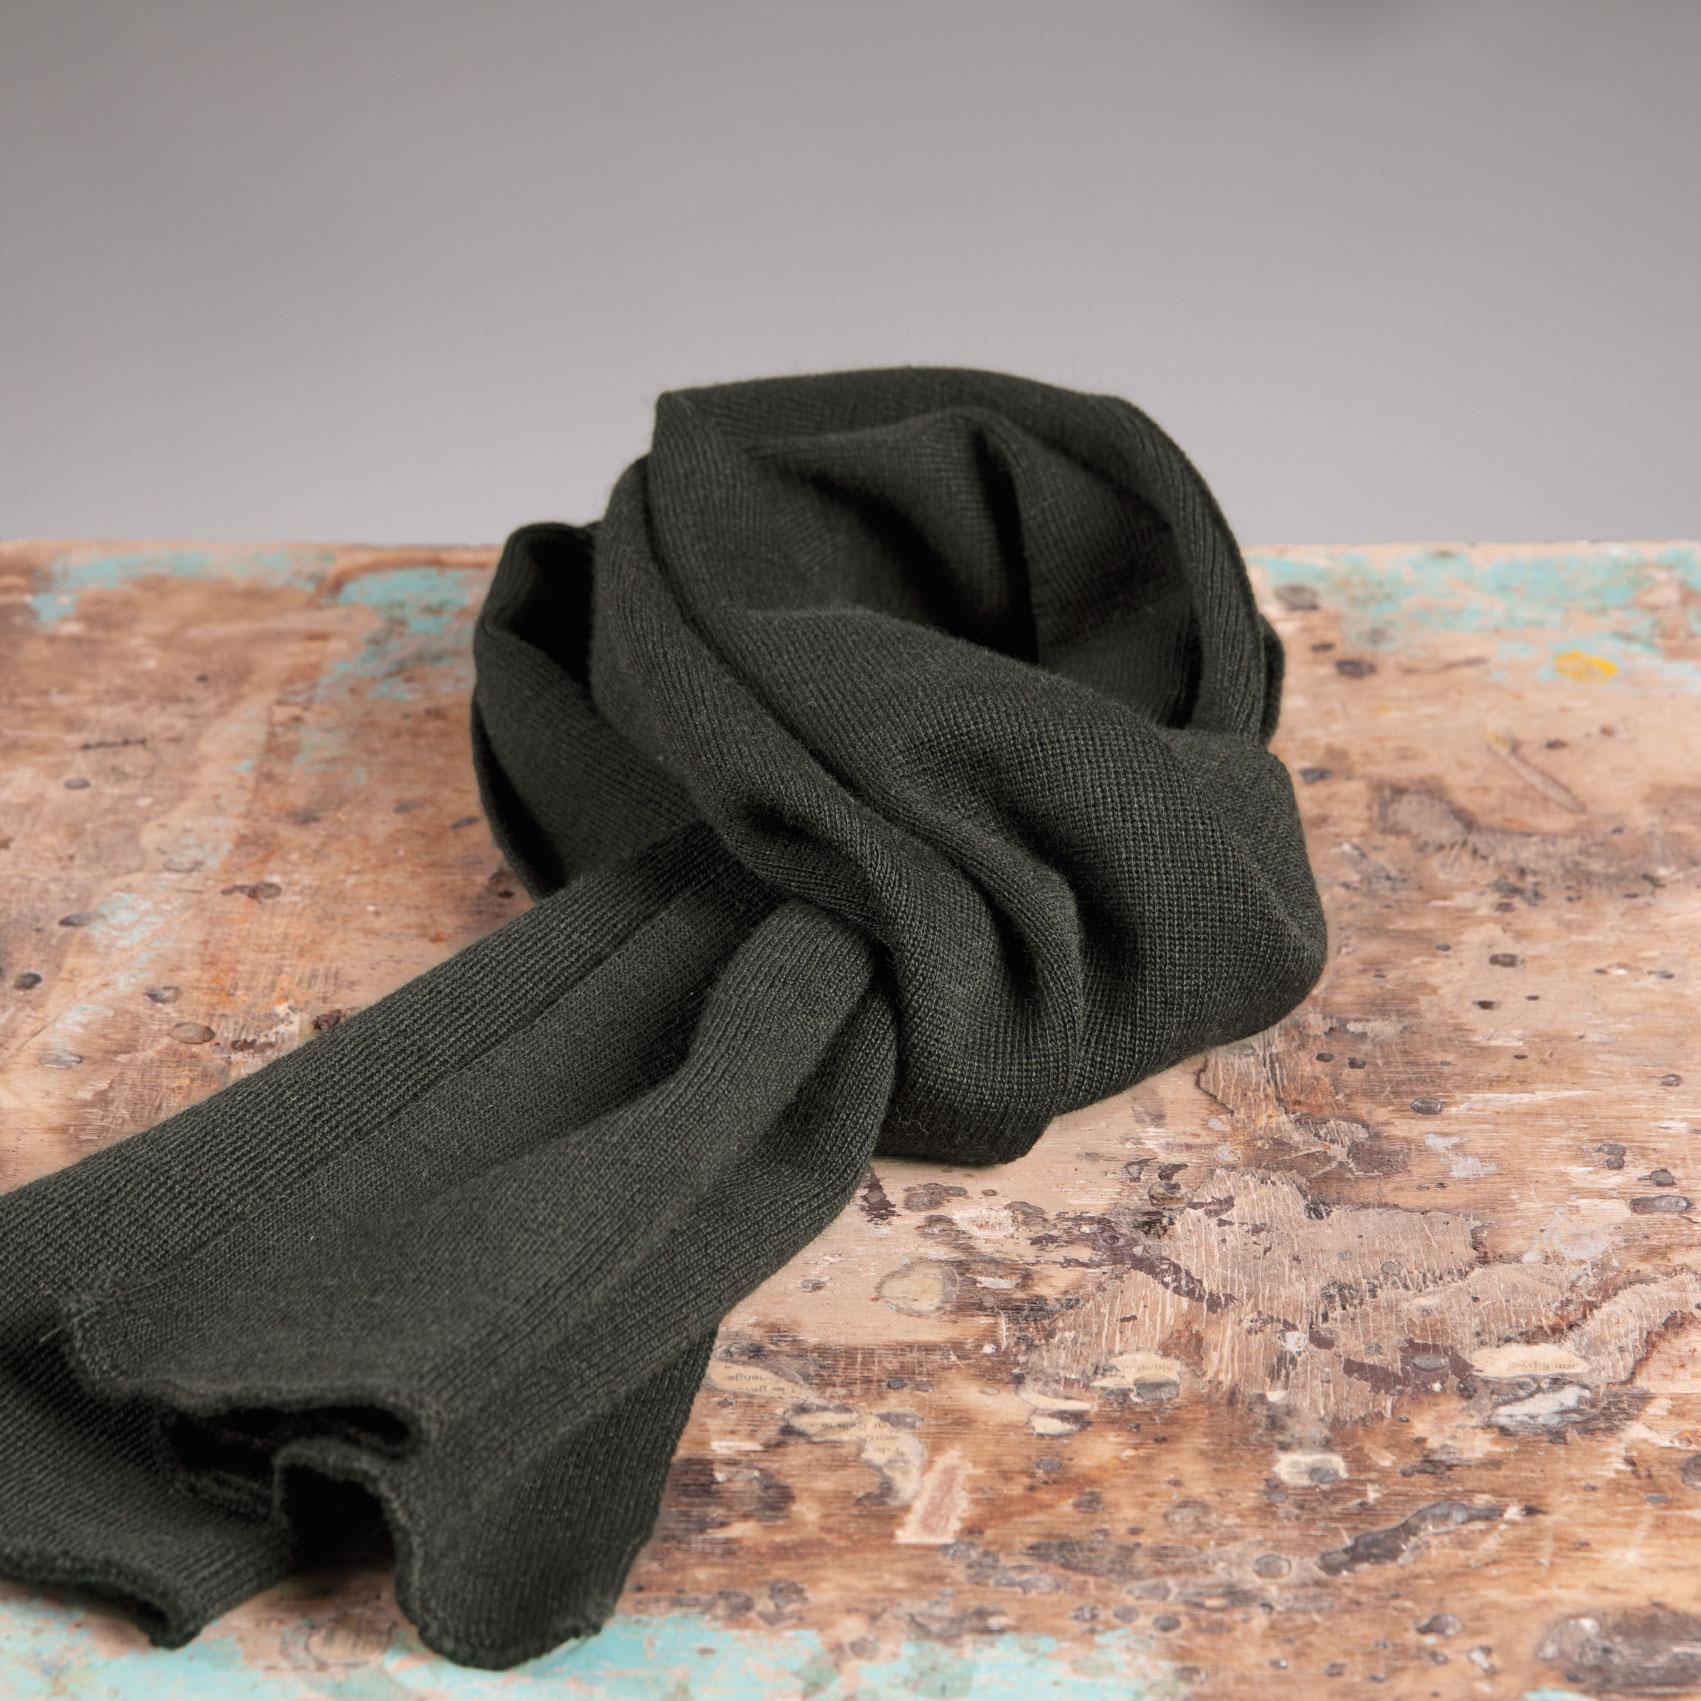 Roosenstein Wolke Friese sjaal 100% wol Loden green